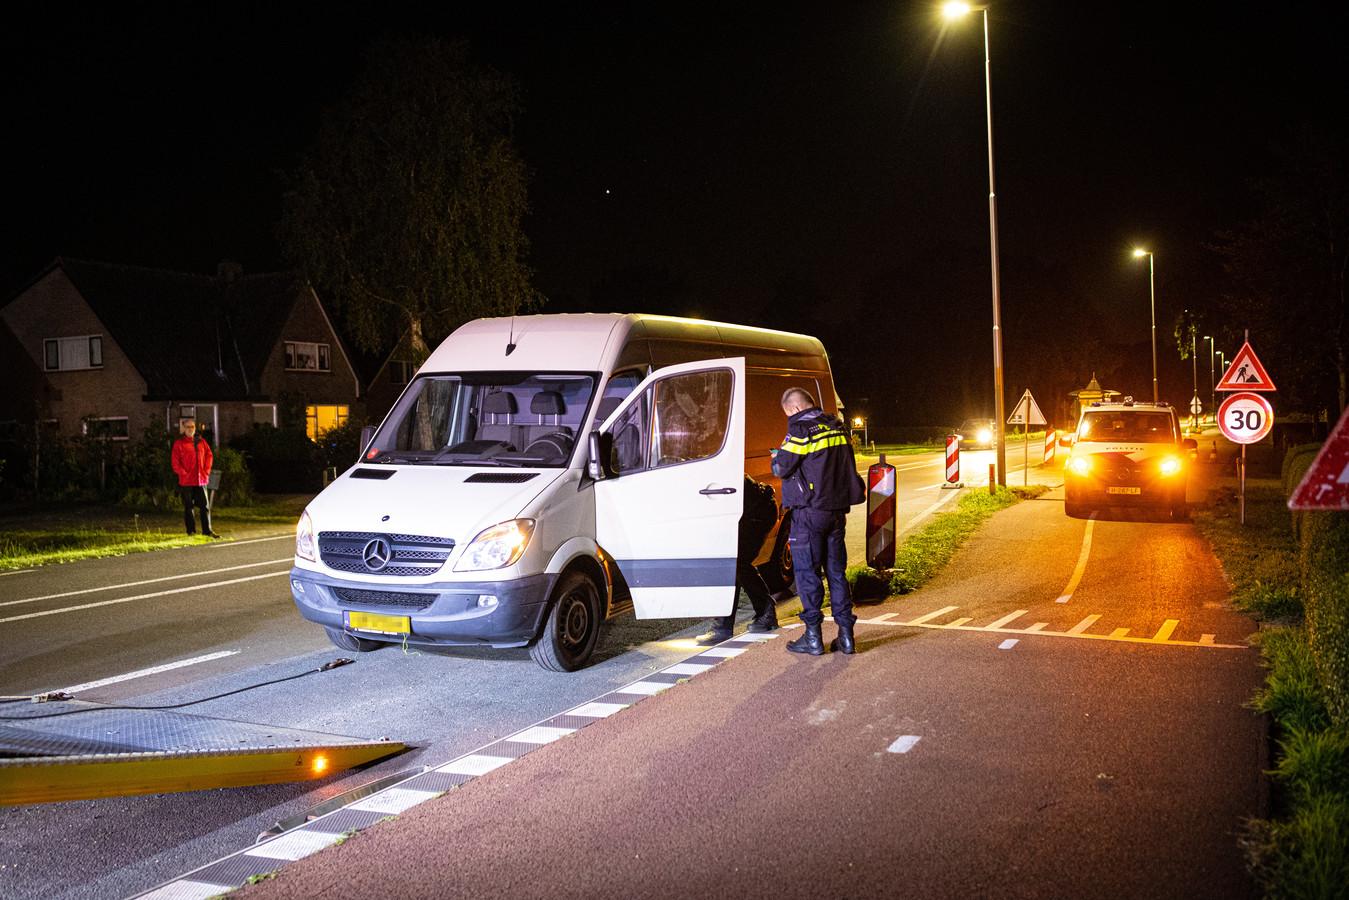 Het busje met valse kentekenplaten wordt na een achtervolging door de politie weggesleept.